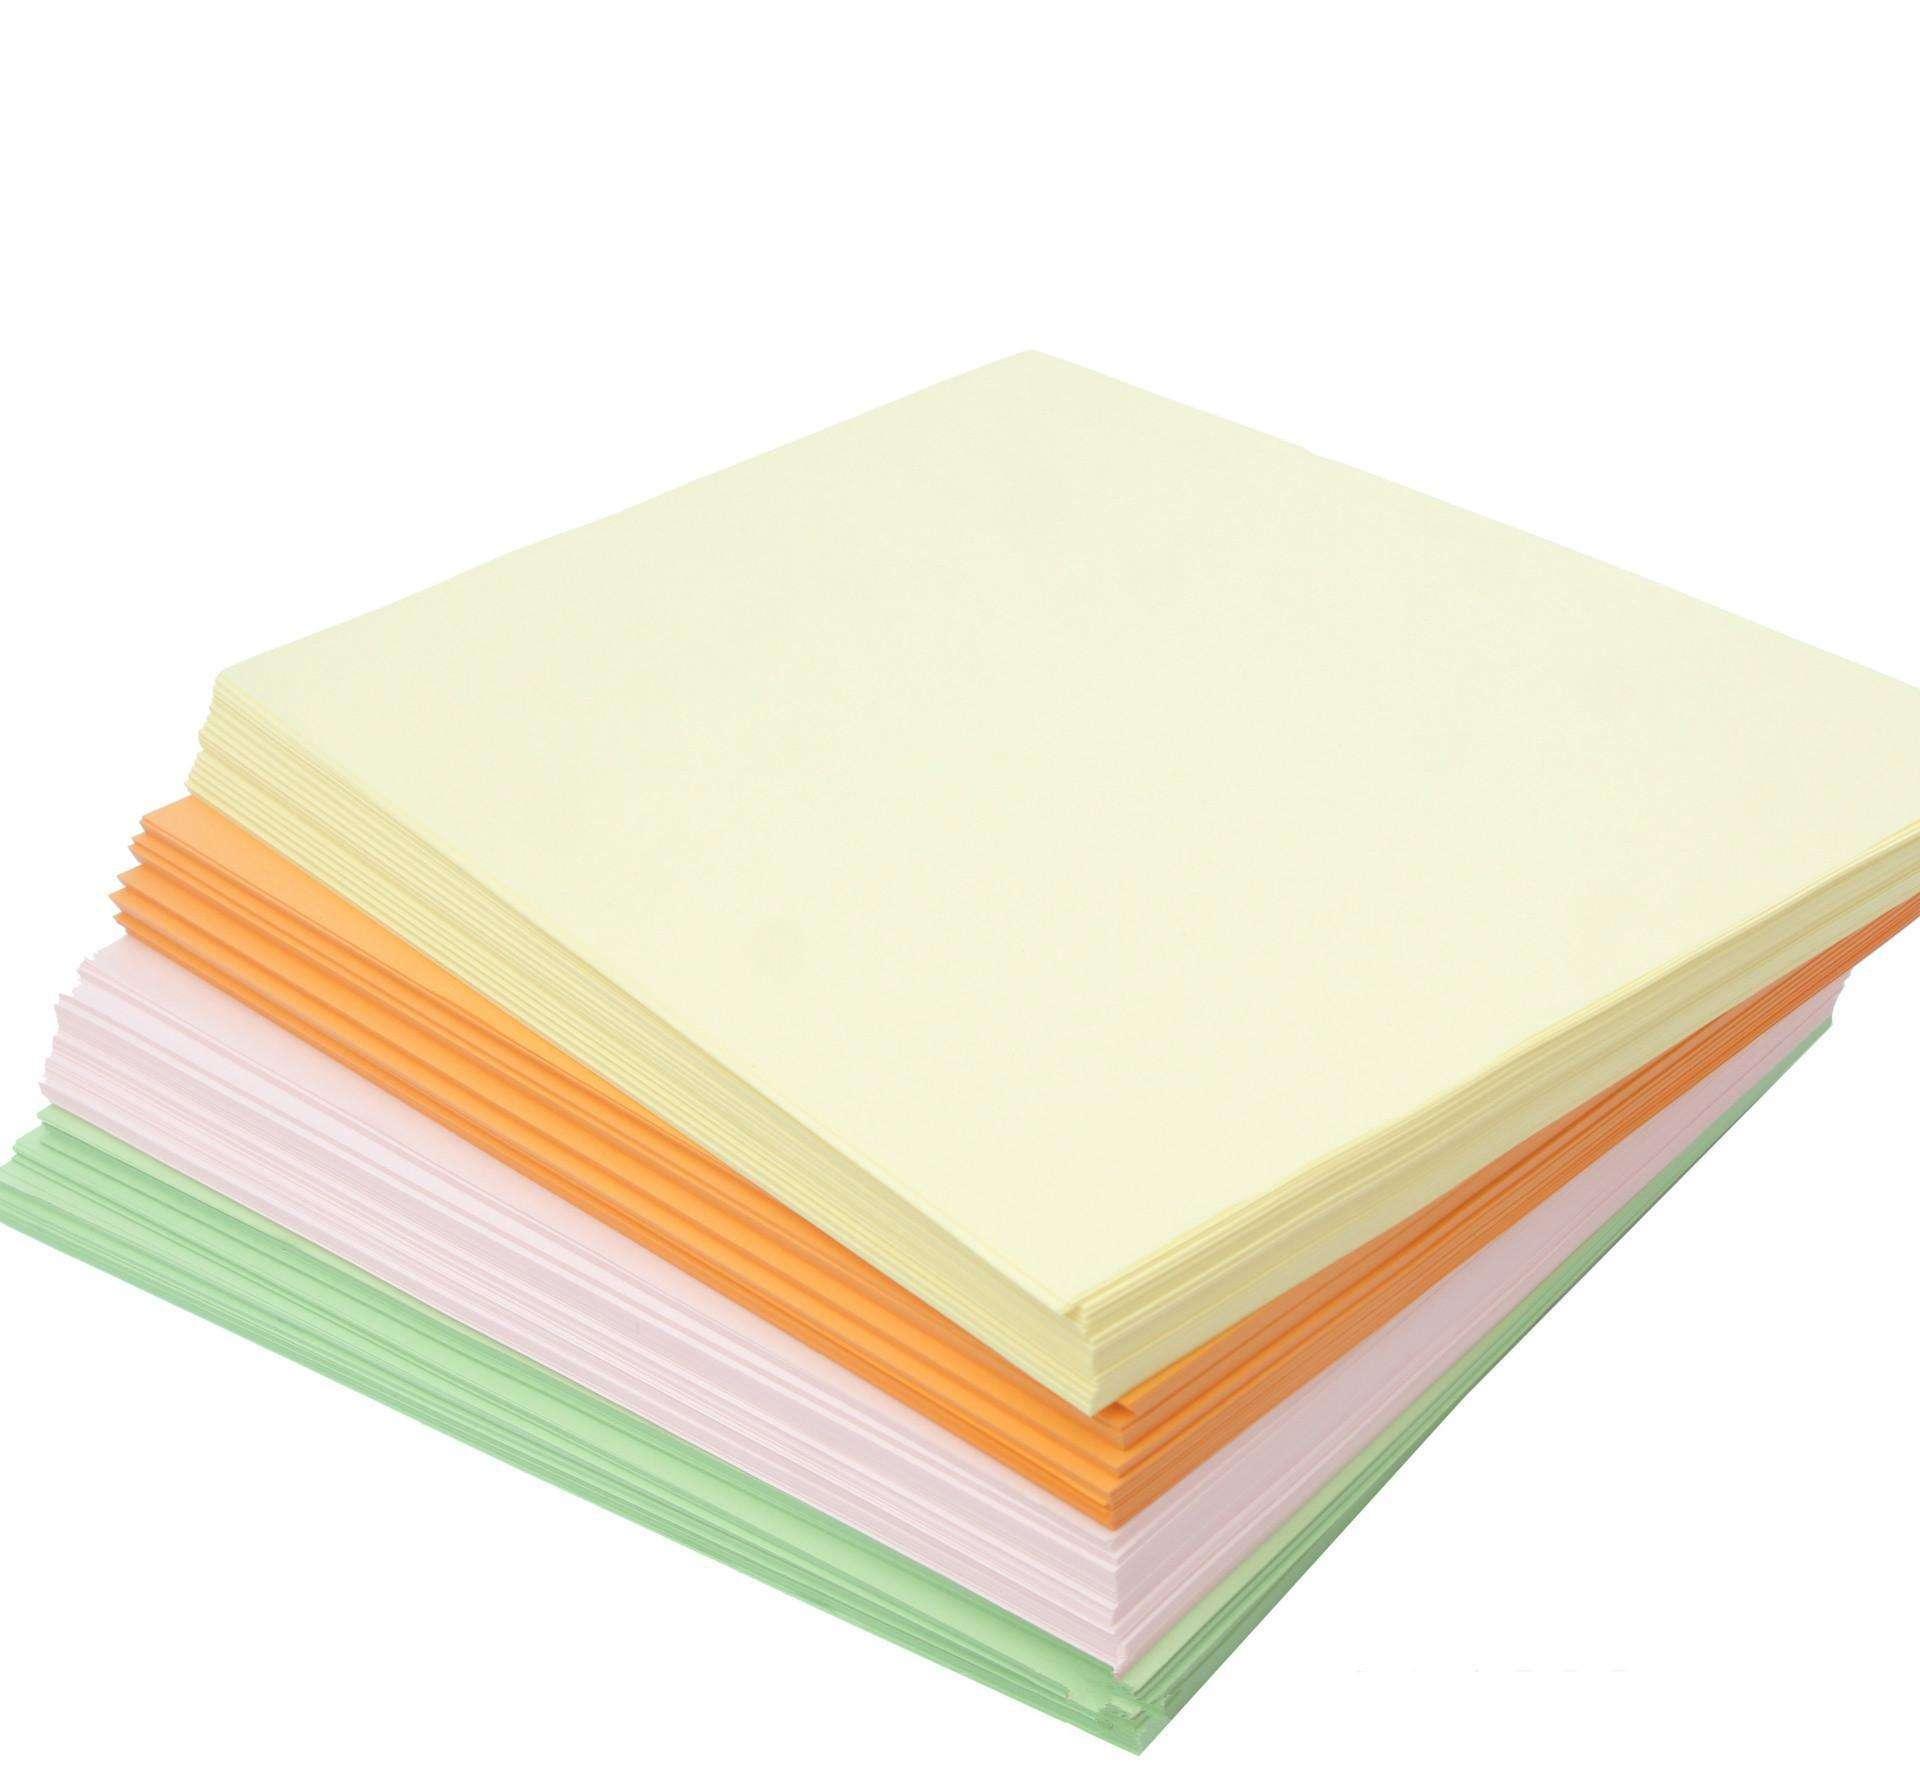 集美无尘打印纸厂家_福建价格实惠的无尘打印纸上哪买